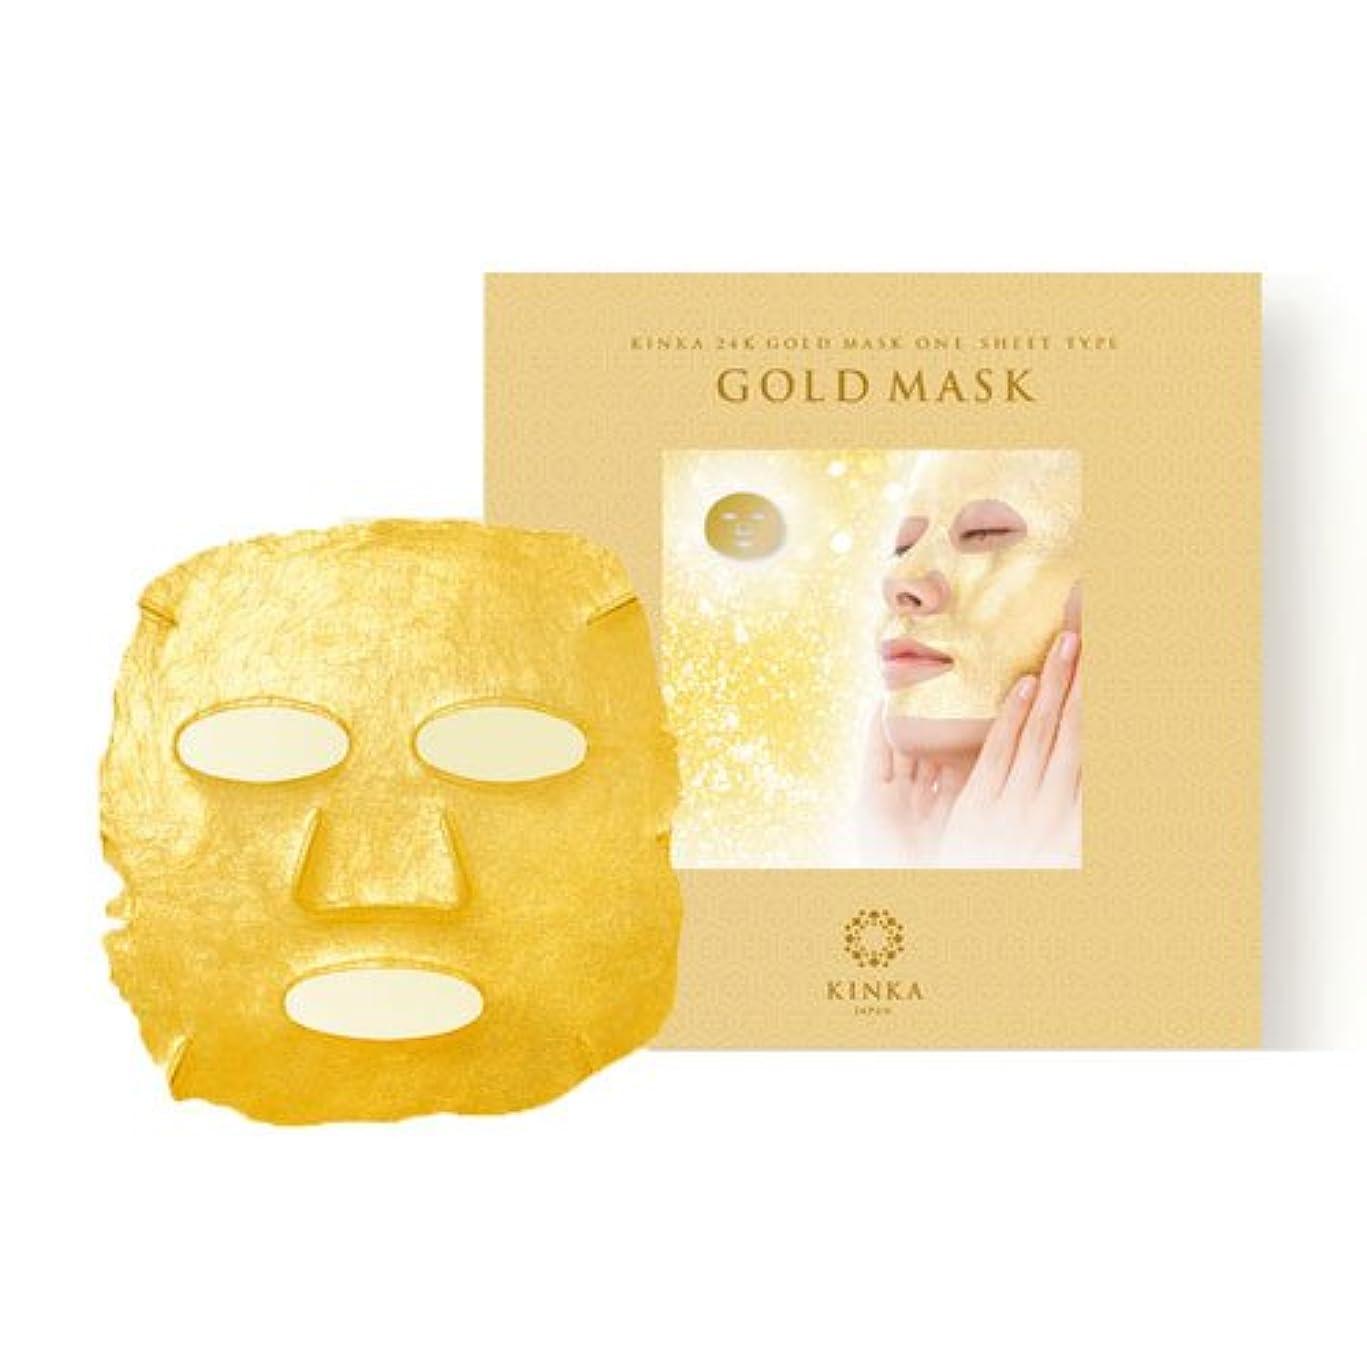 印刷する余暇国際箔一 金華24K ゴールドマスク 1枚